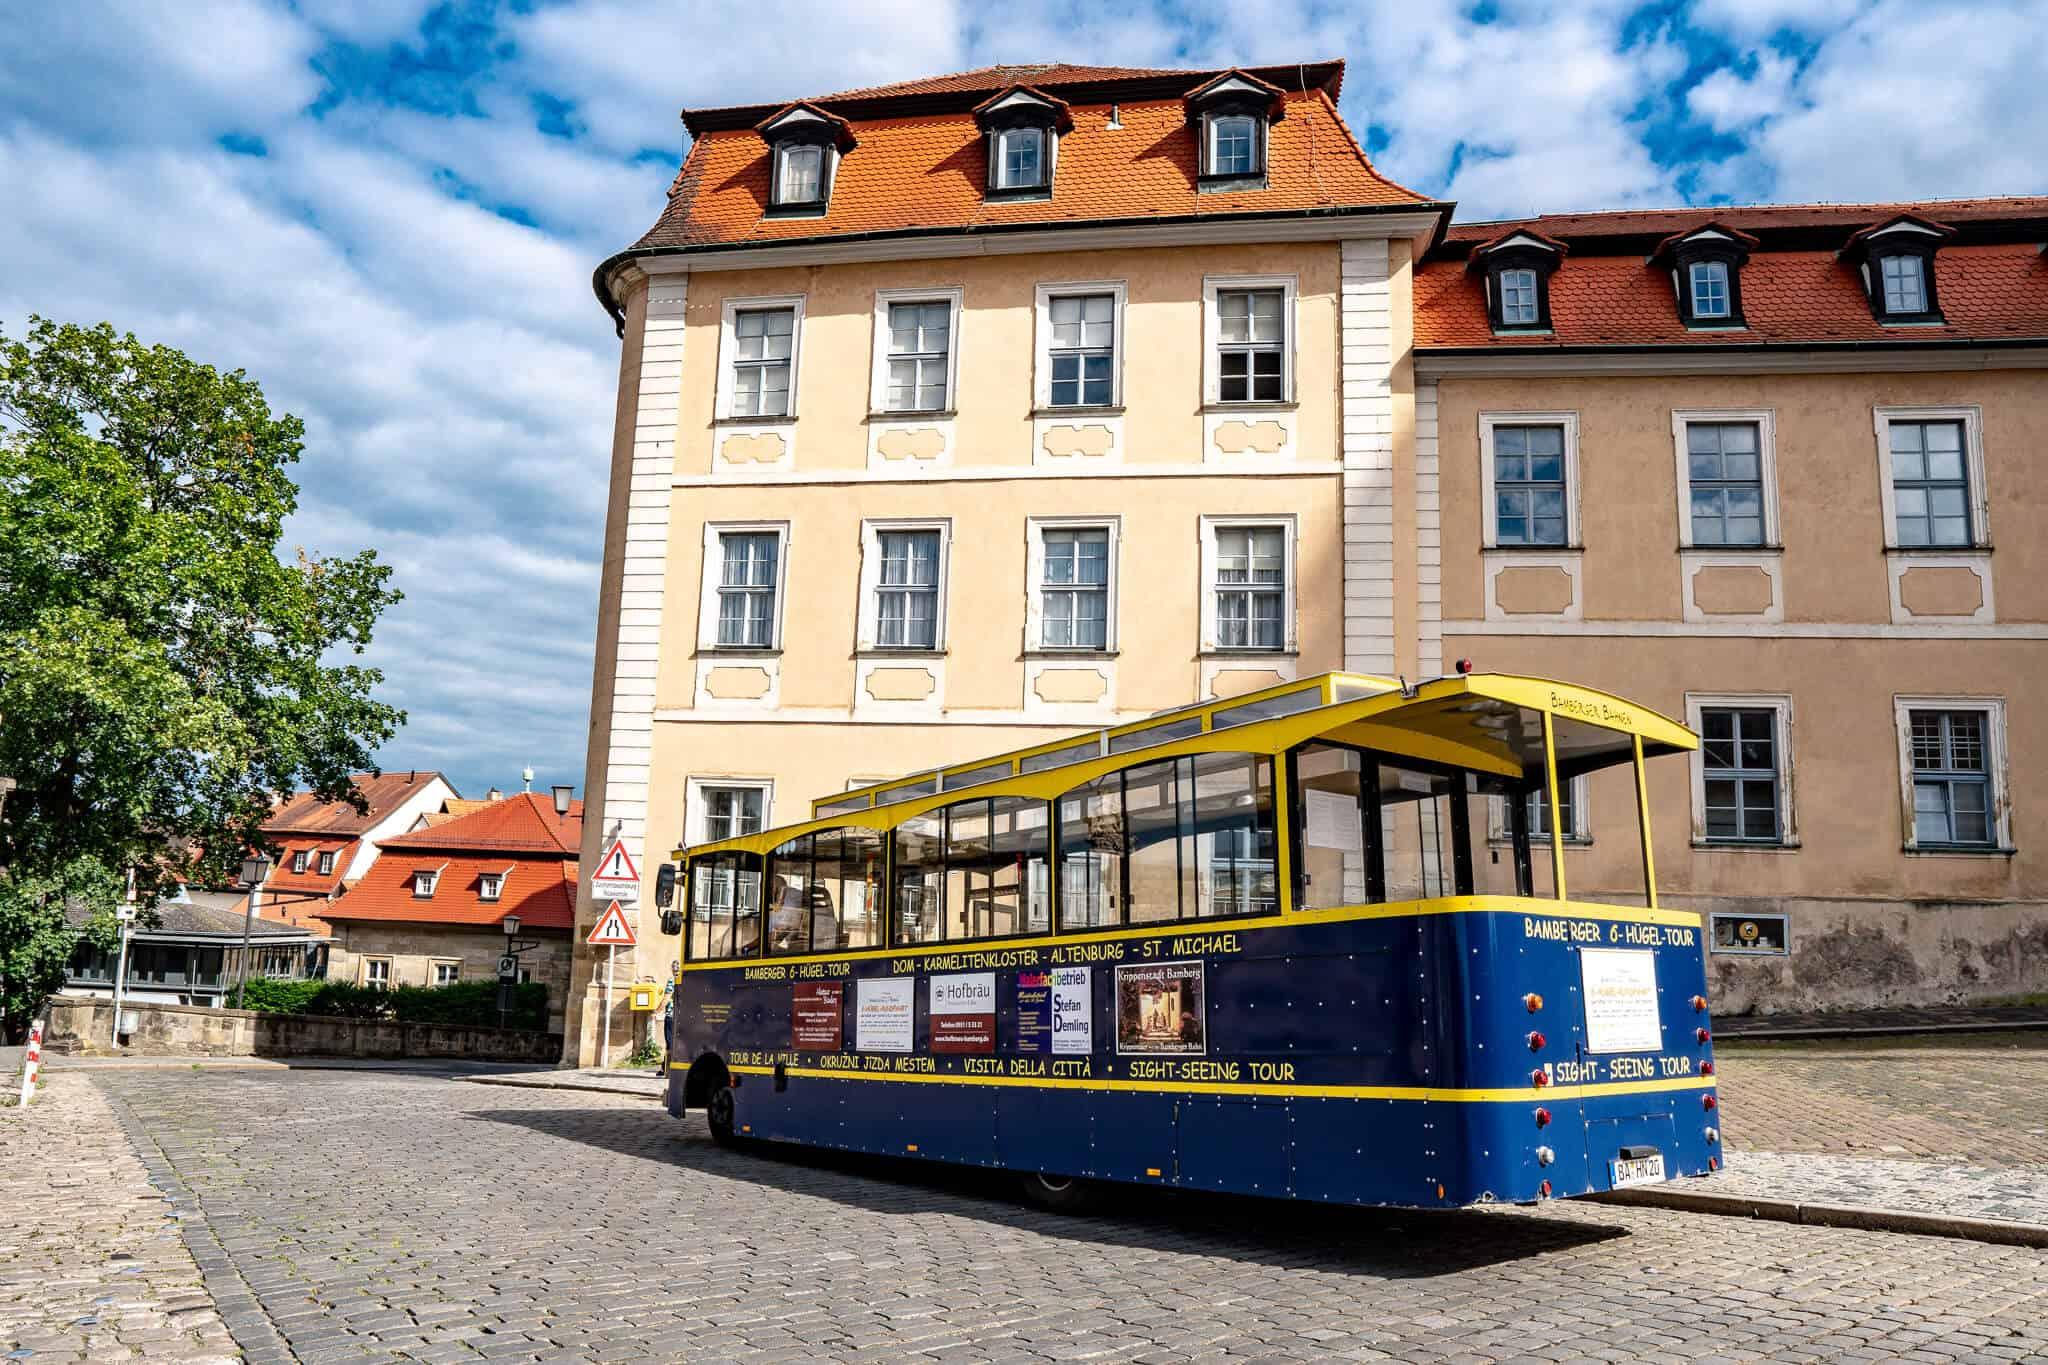 Sehenswürdigkeiten Bamberg Tourbus 6-Hügel-Tour